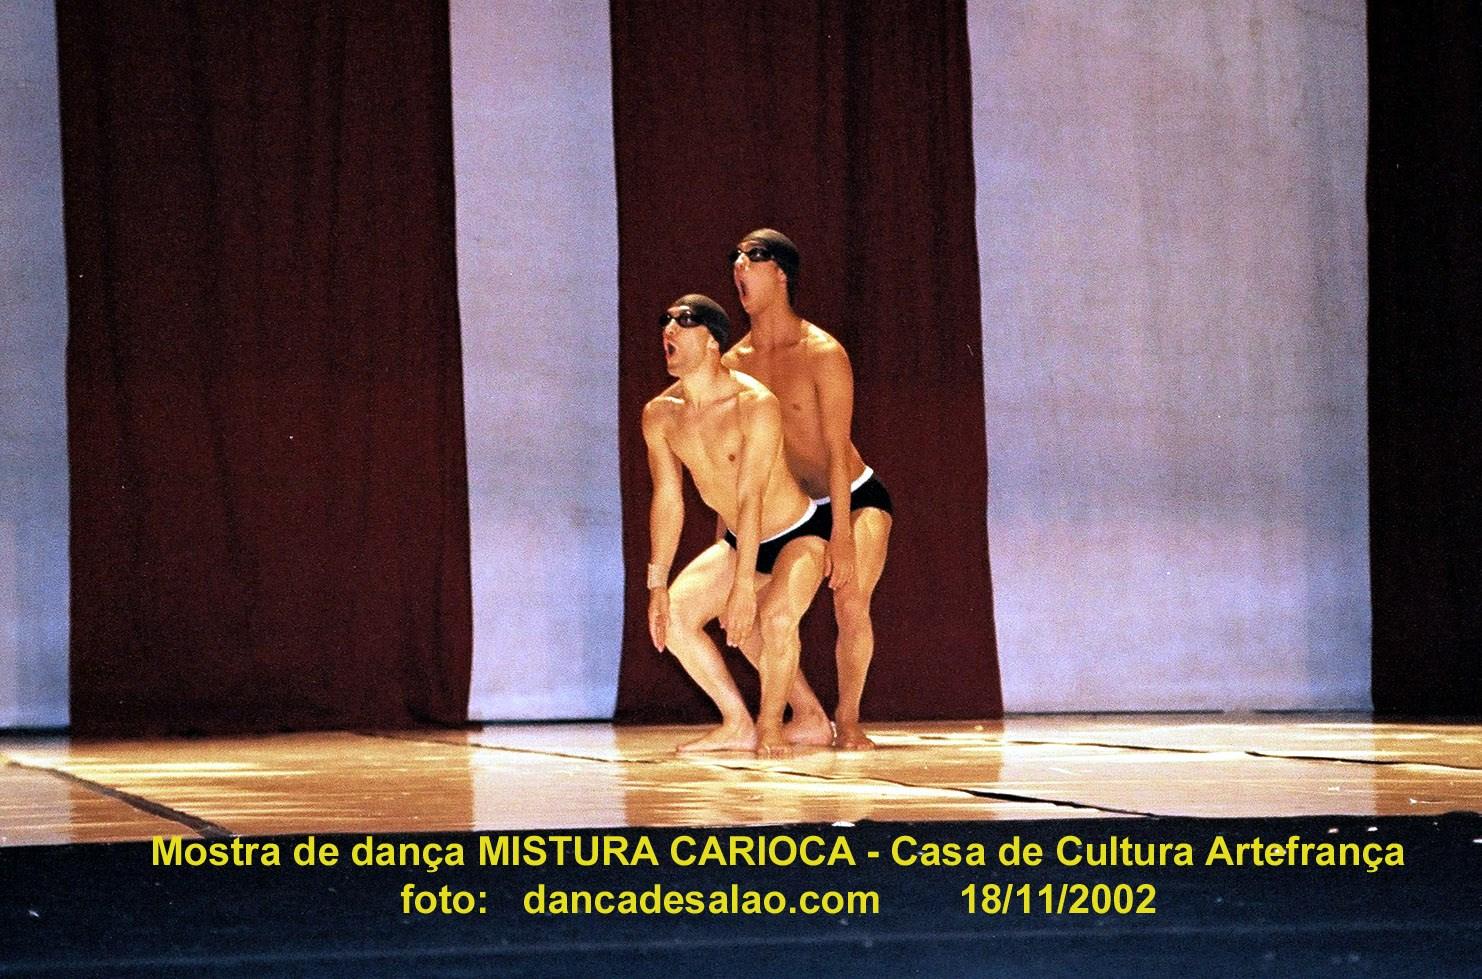 Mostra de Dança Mistura Carioca - 18.11.2002